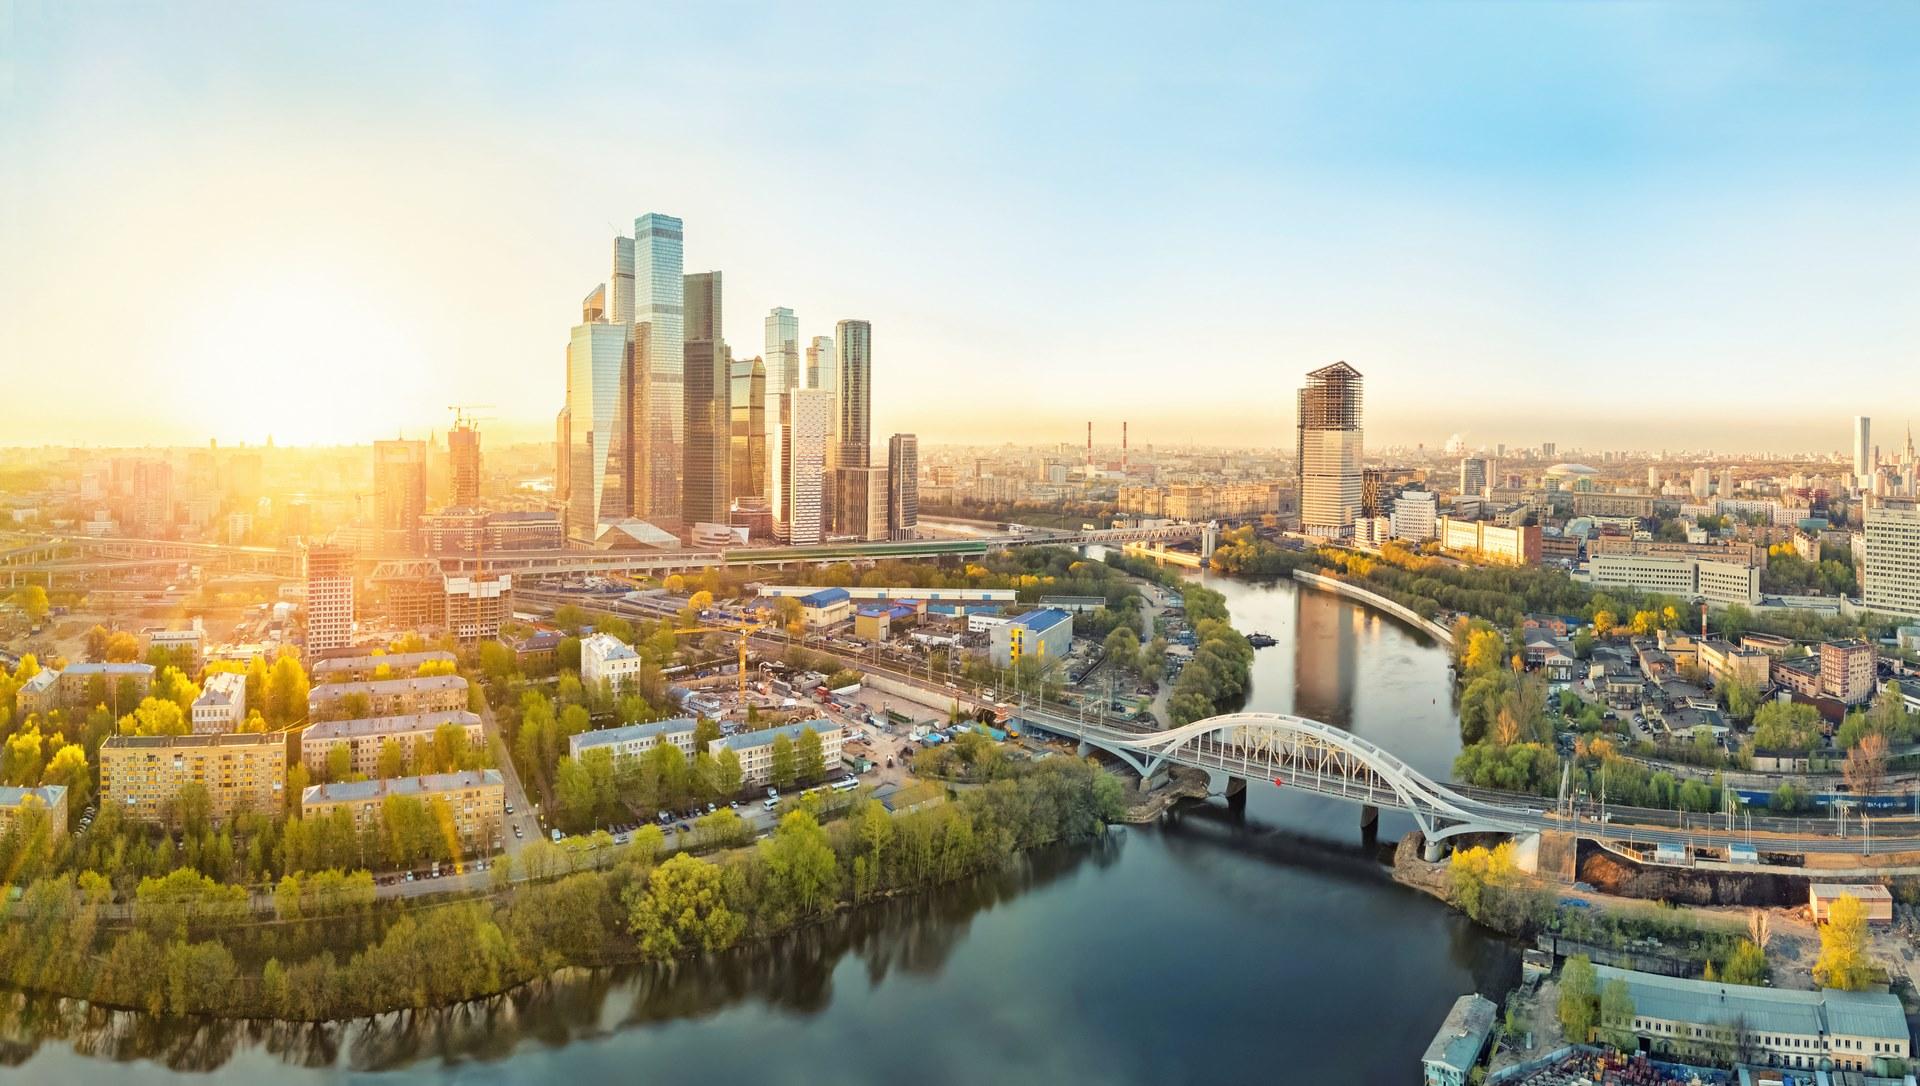 MERVEILLES DE LA RUSSIE - DE MOSCOU A SAINT PETERSBOURG - 8J/7N - 2022